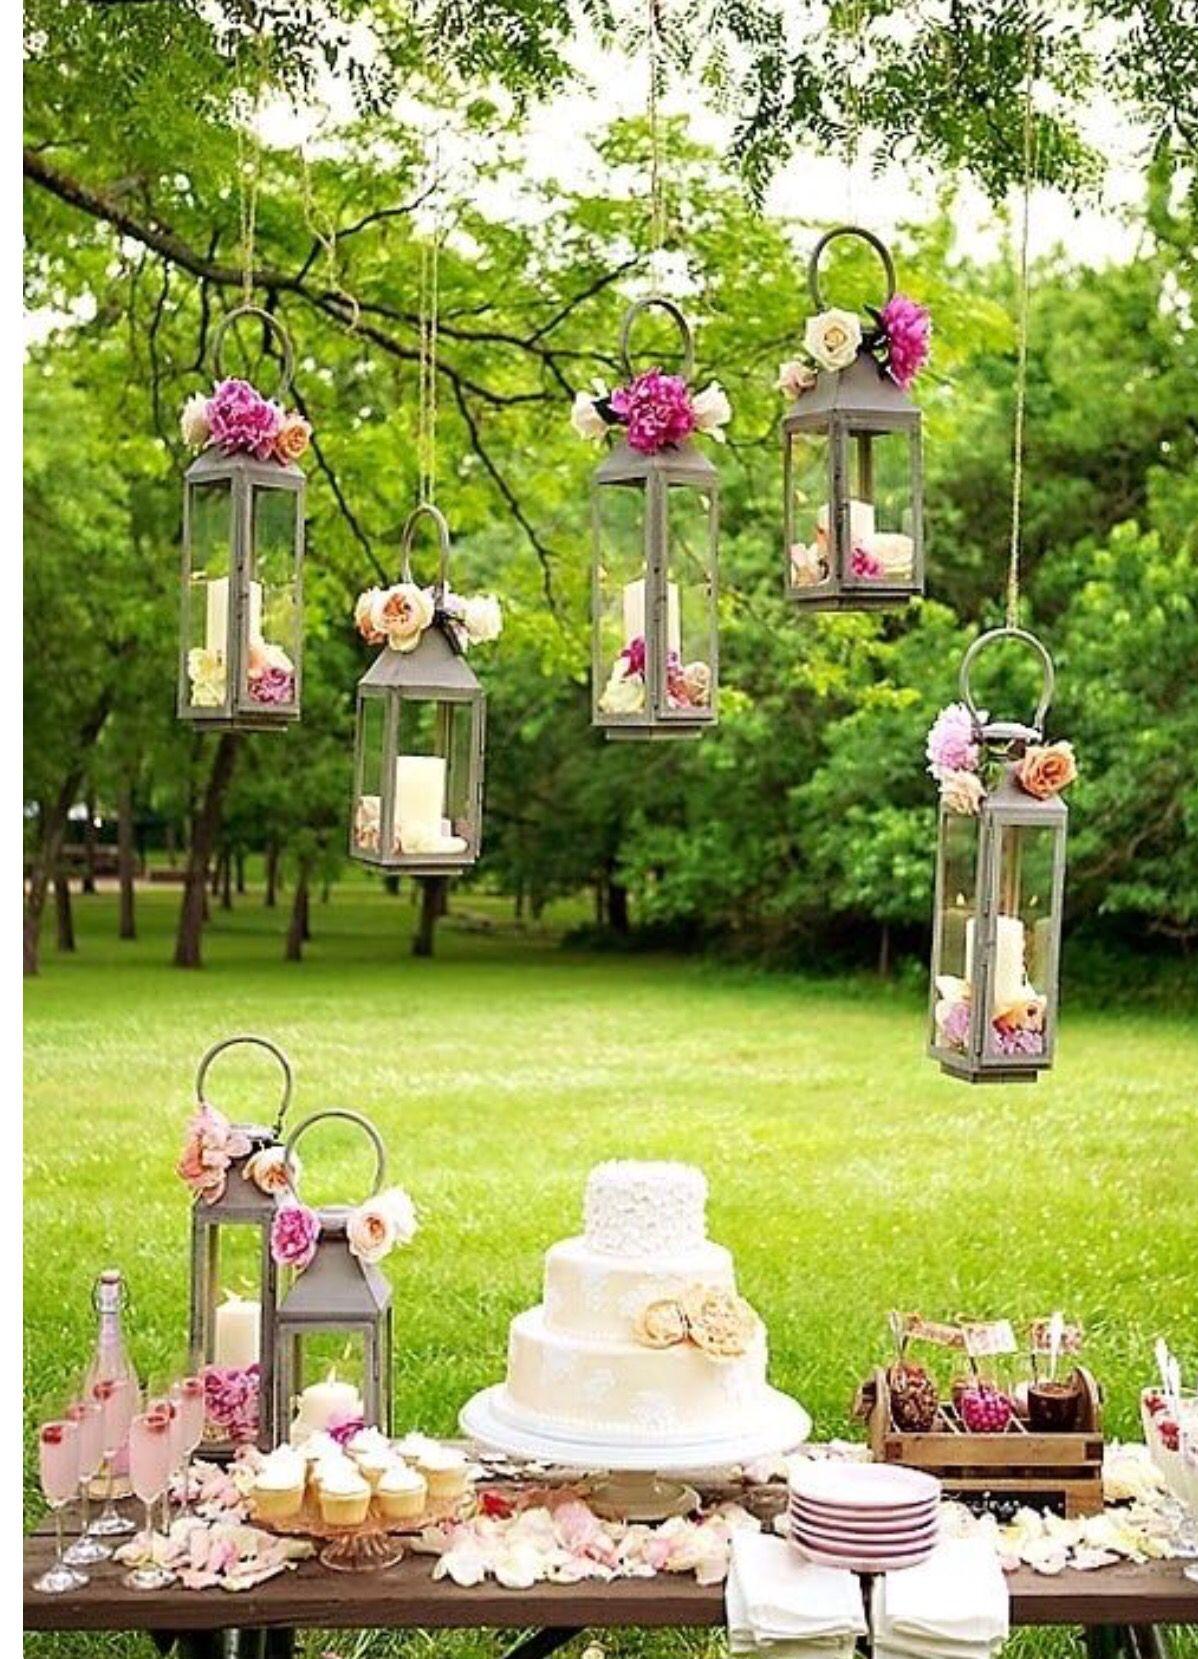 Mesa de Pastel | BD | Pinterest | Bodas, Ideas para and Magical wedding